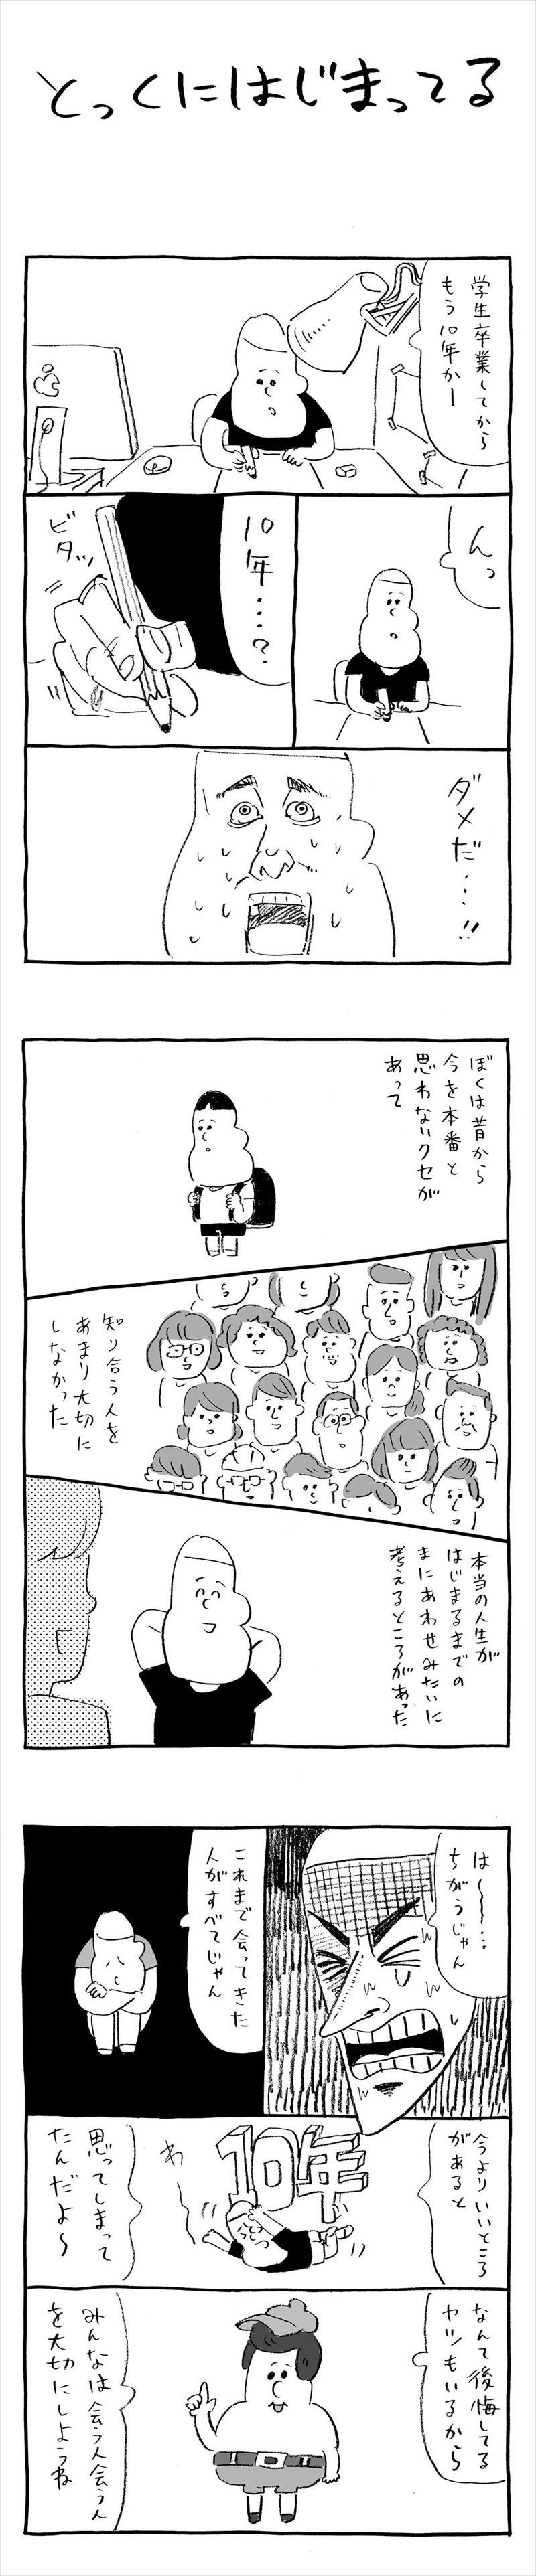 koyama12_R_R